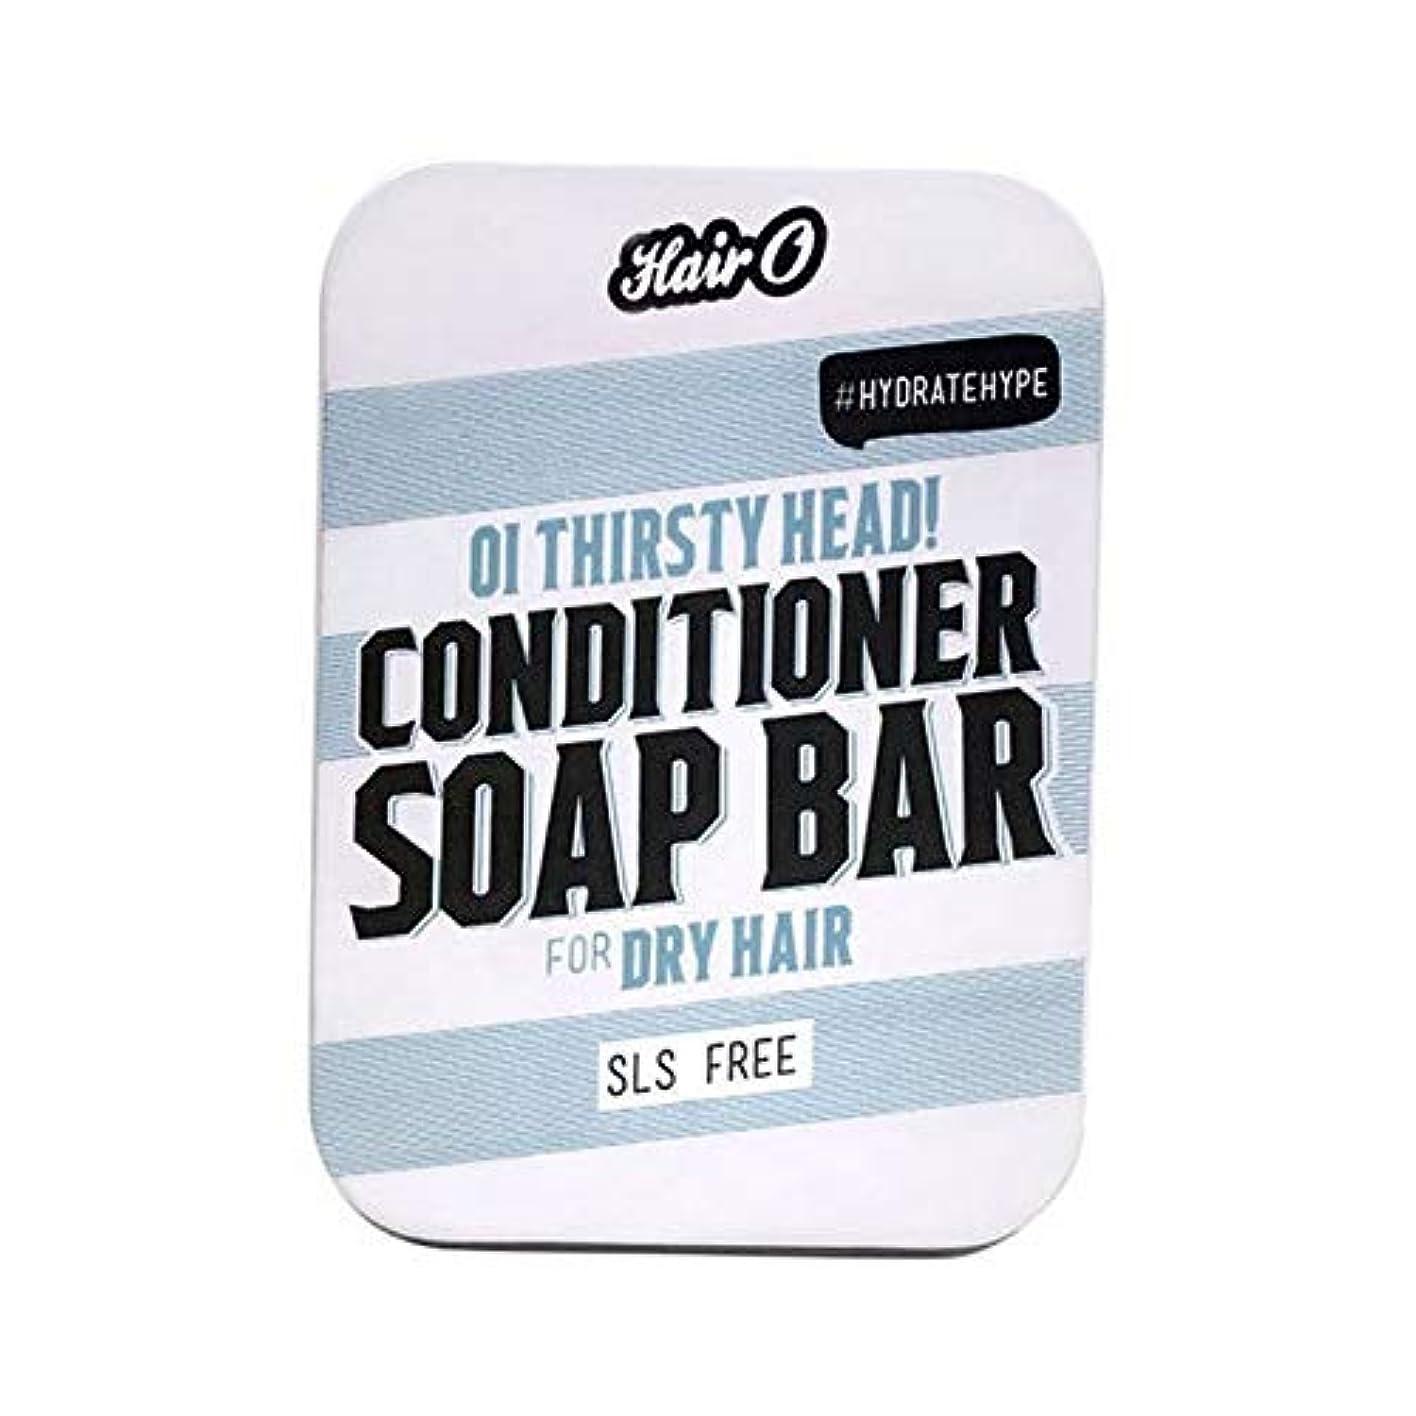 贅沢な海洋邪悪な[Hair O ] 大井のどが渇いヘッドコンディショナーソープバー100グラムO毛 - Hair O Oi Thirsty Head Conditioner Soap Bar 100g [並行輸入品]